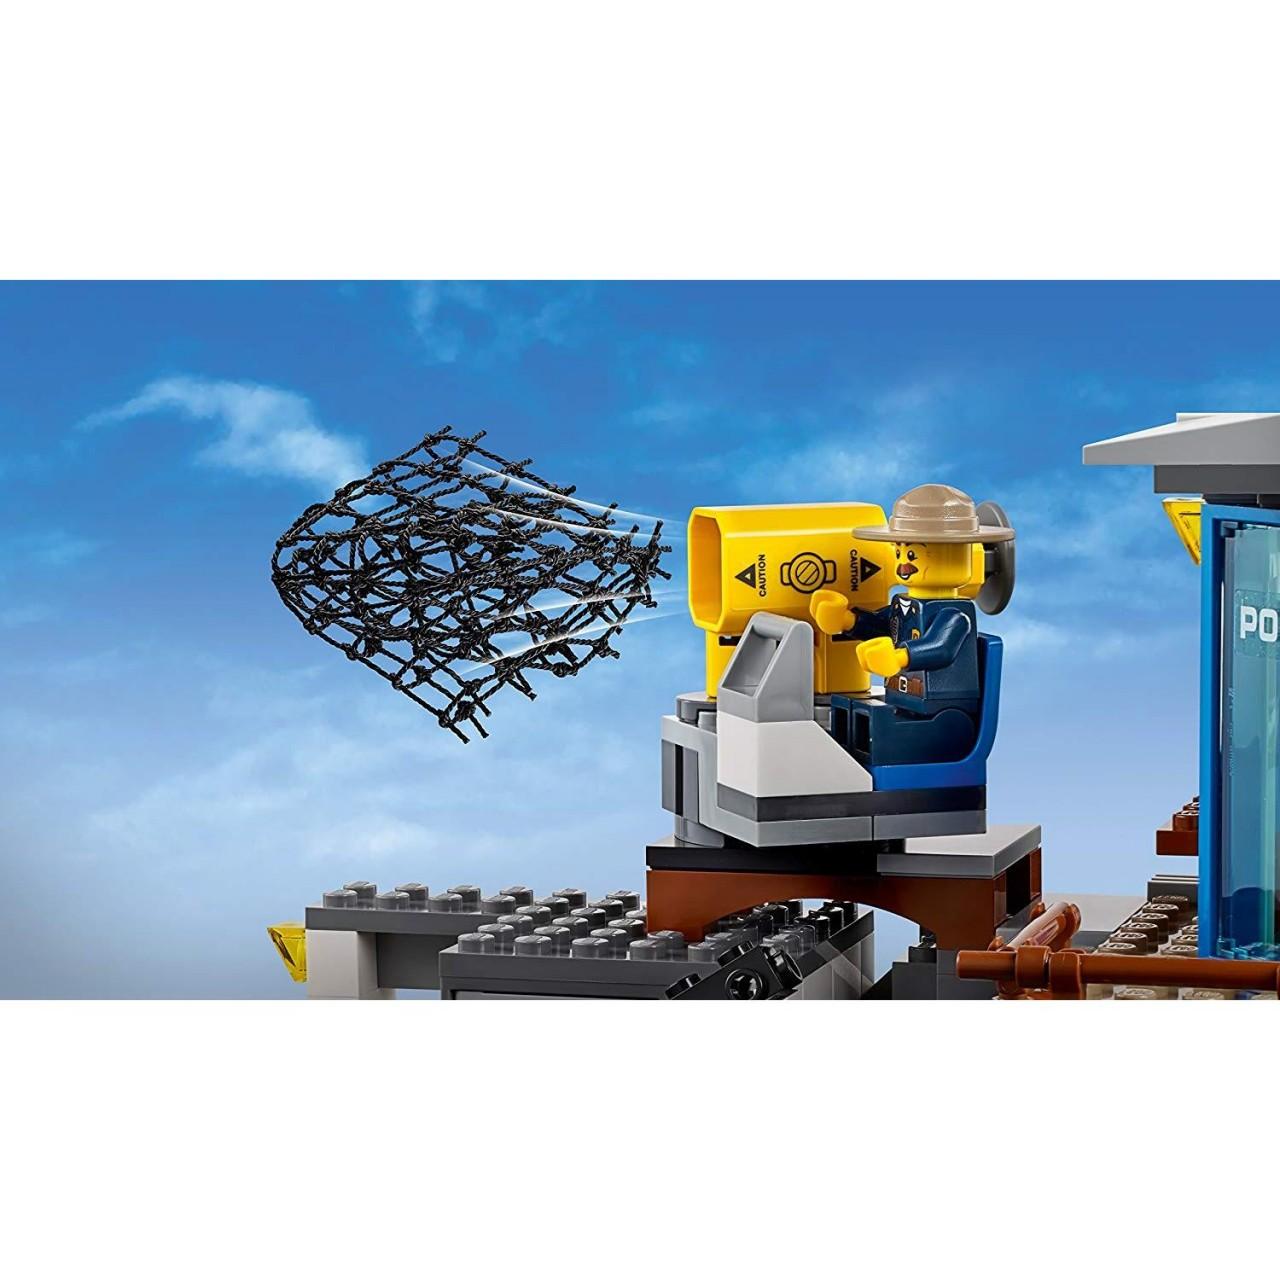 LEGO CITY 60174 Bergpolizei Hauptquartier